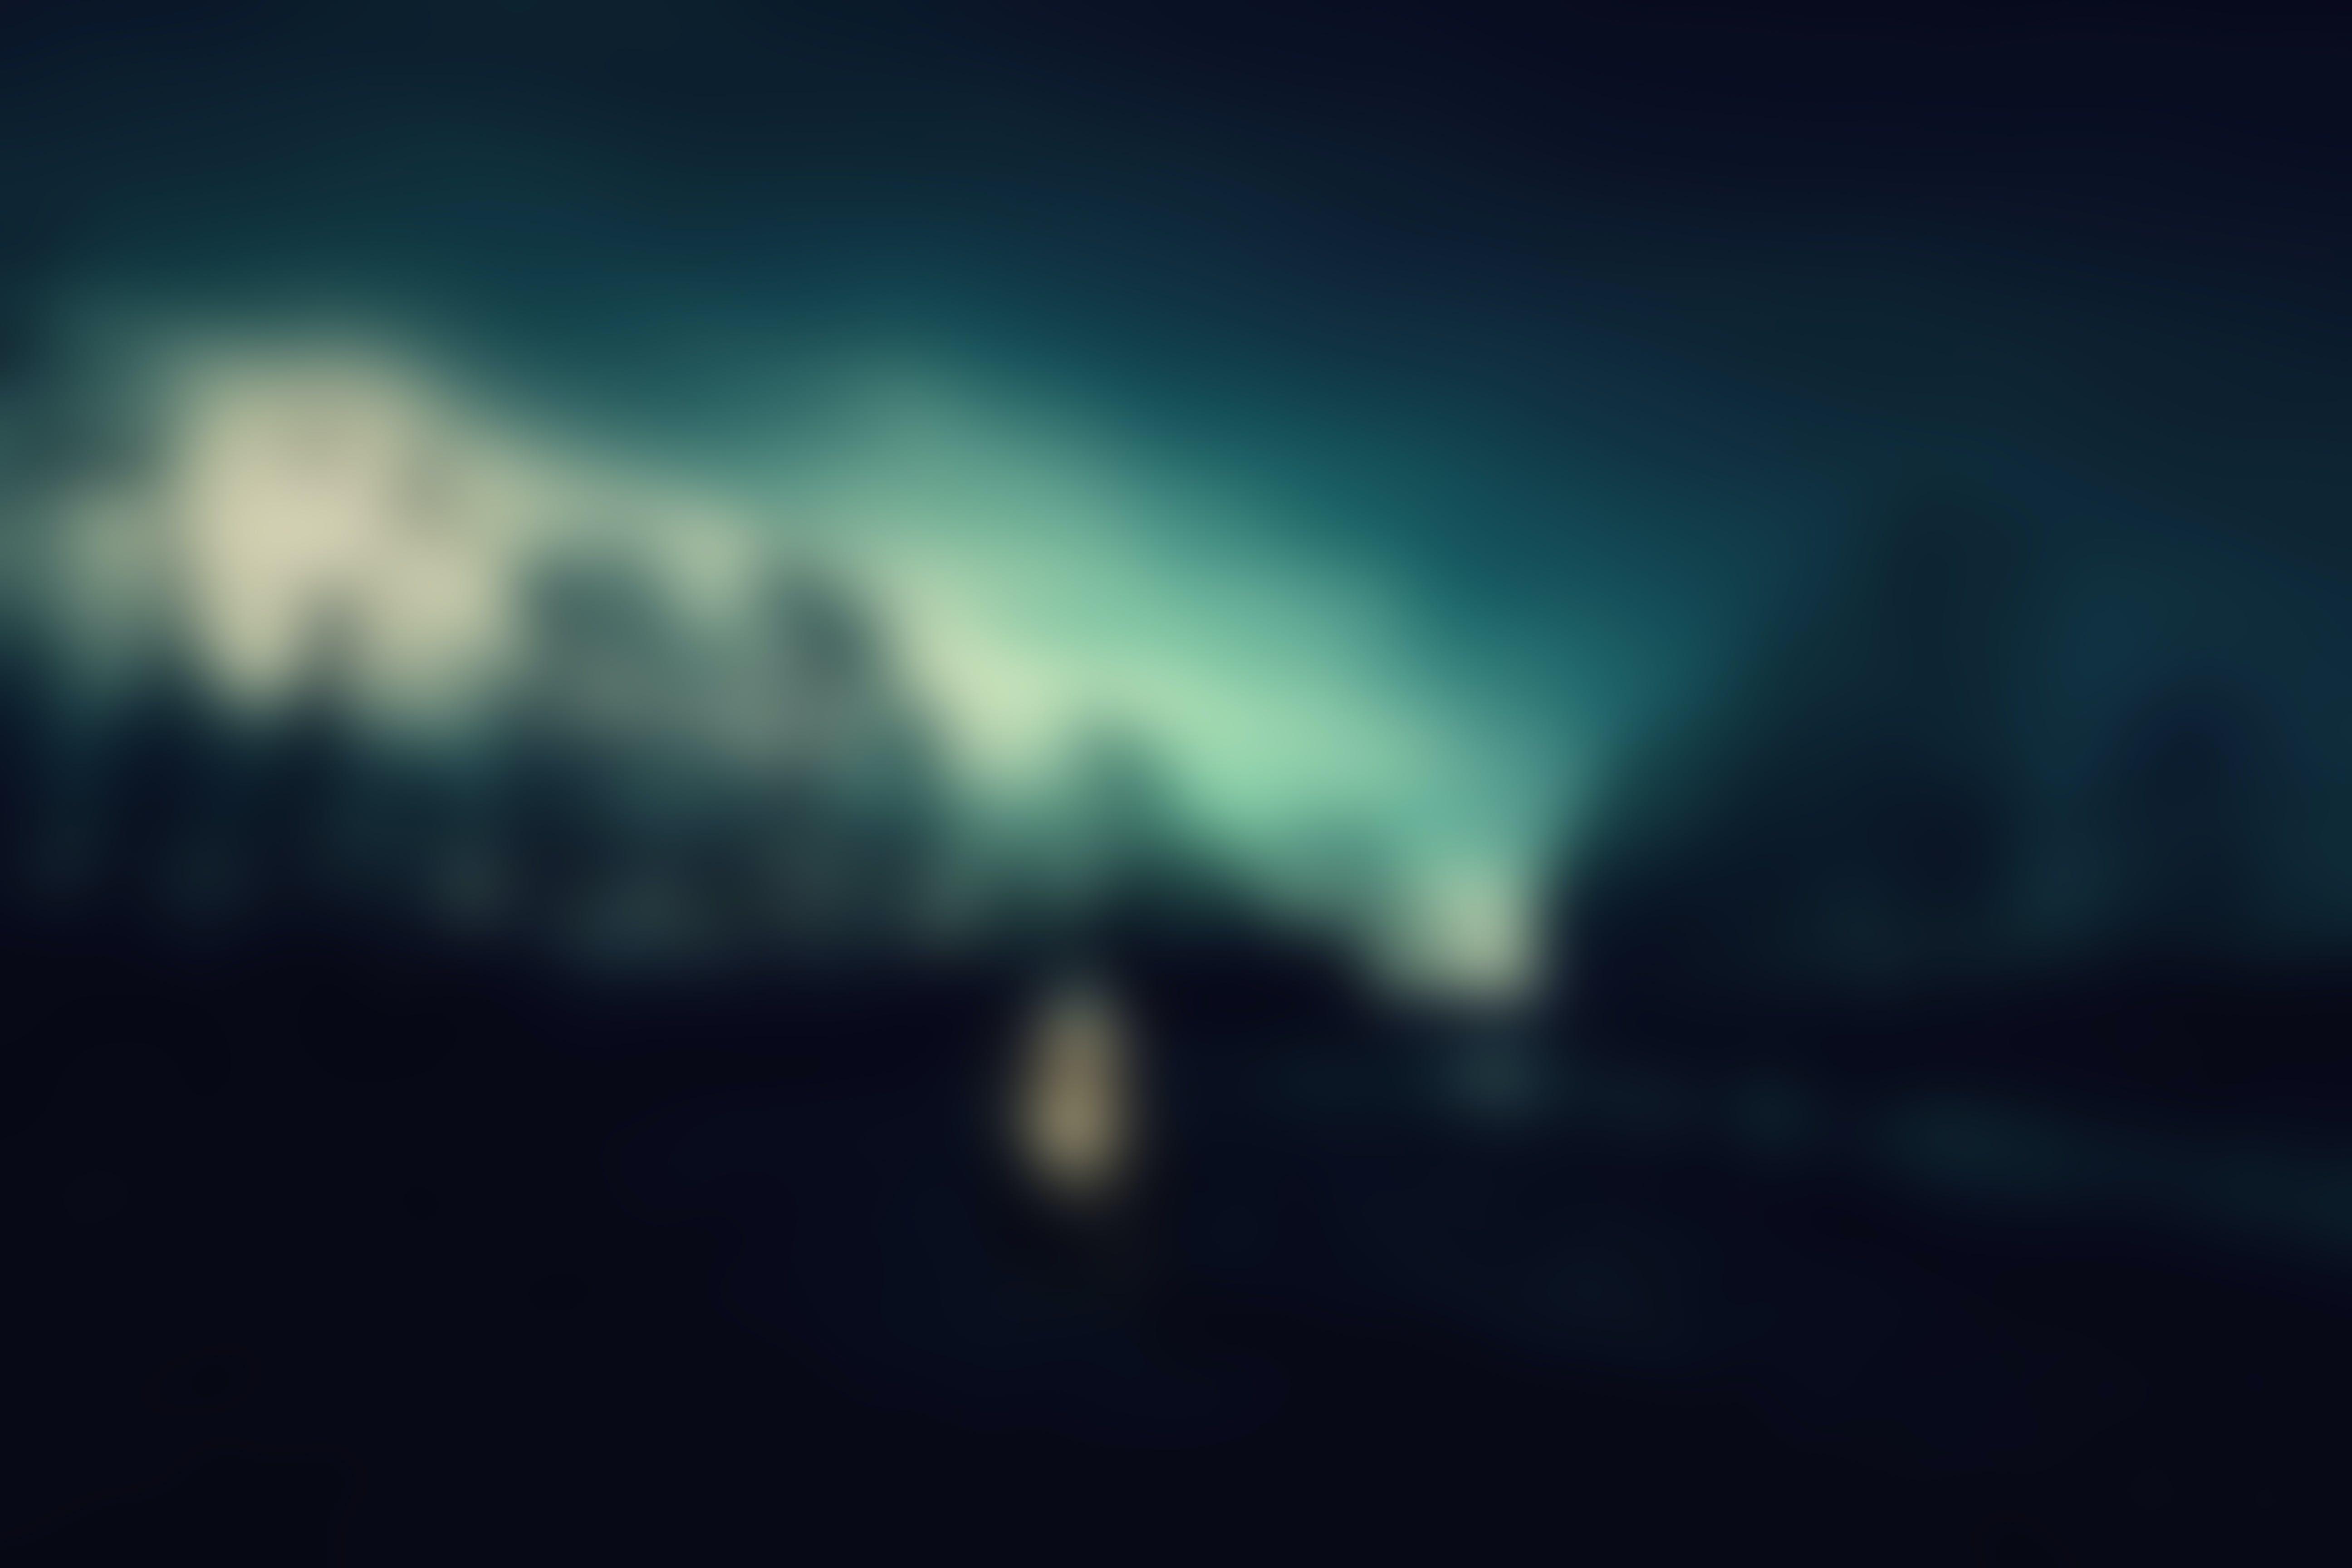 Free stock photo of night, dark, blur, blurred